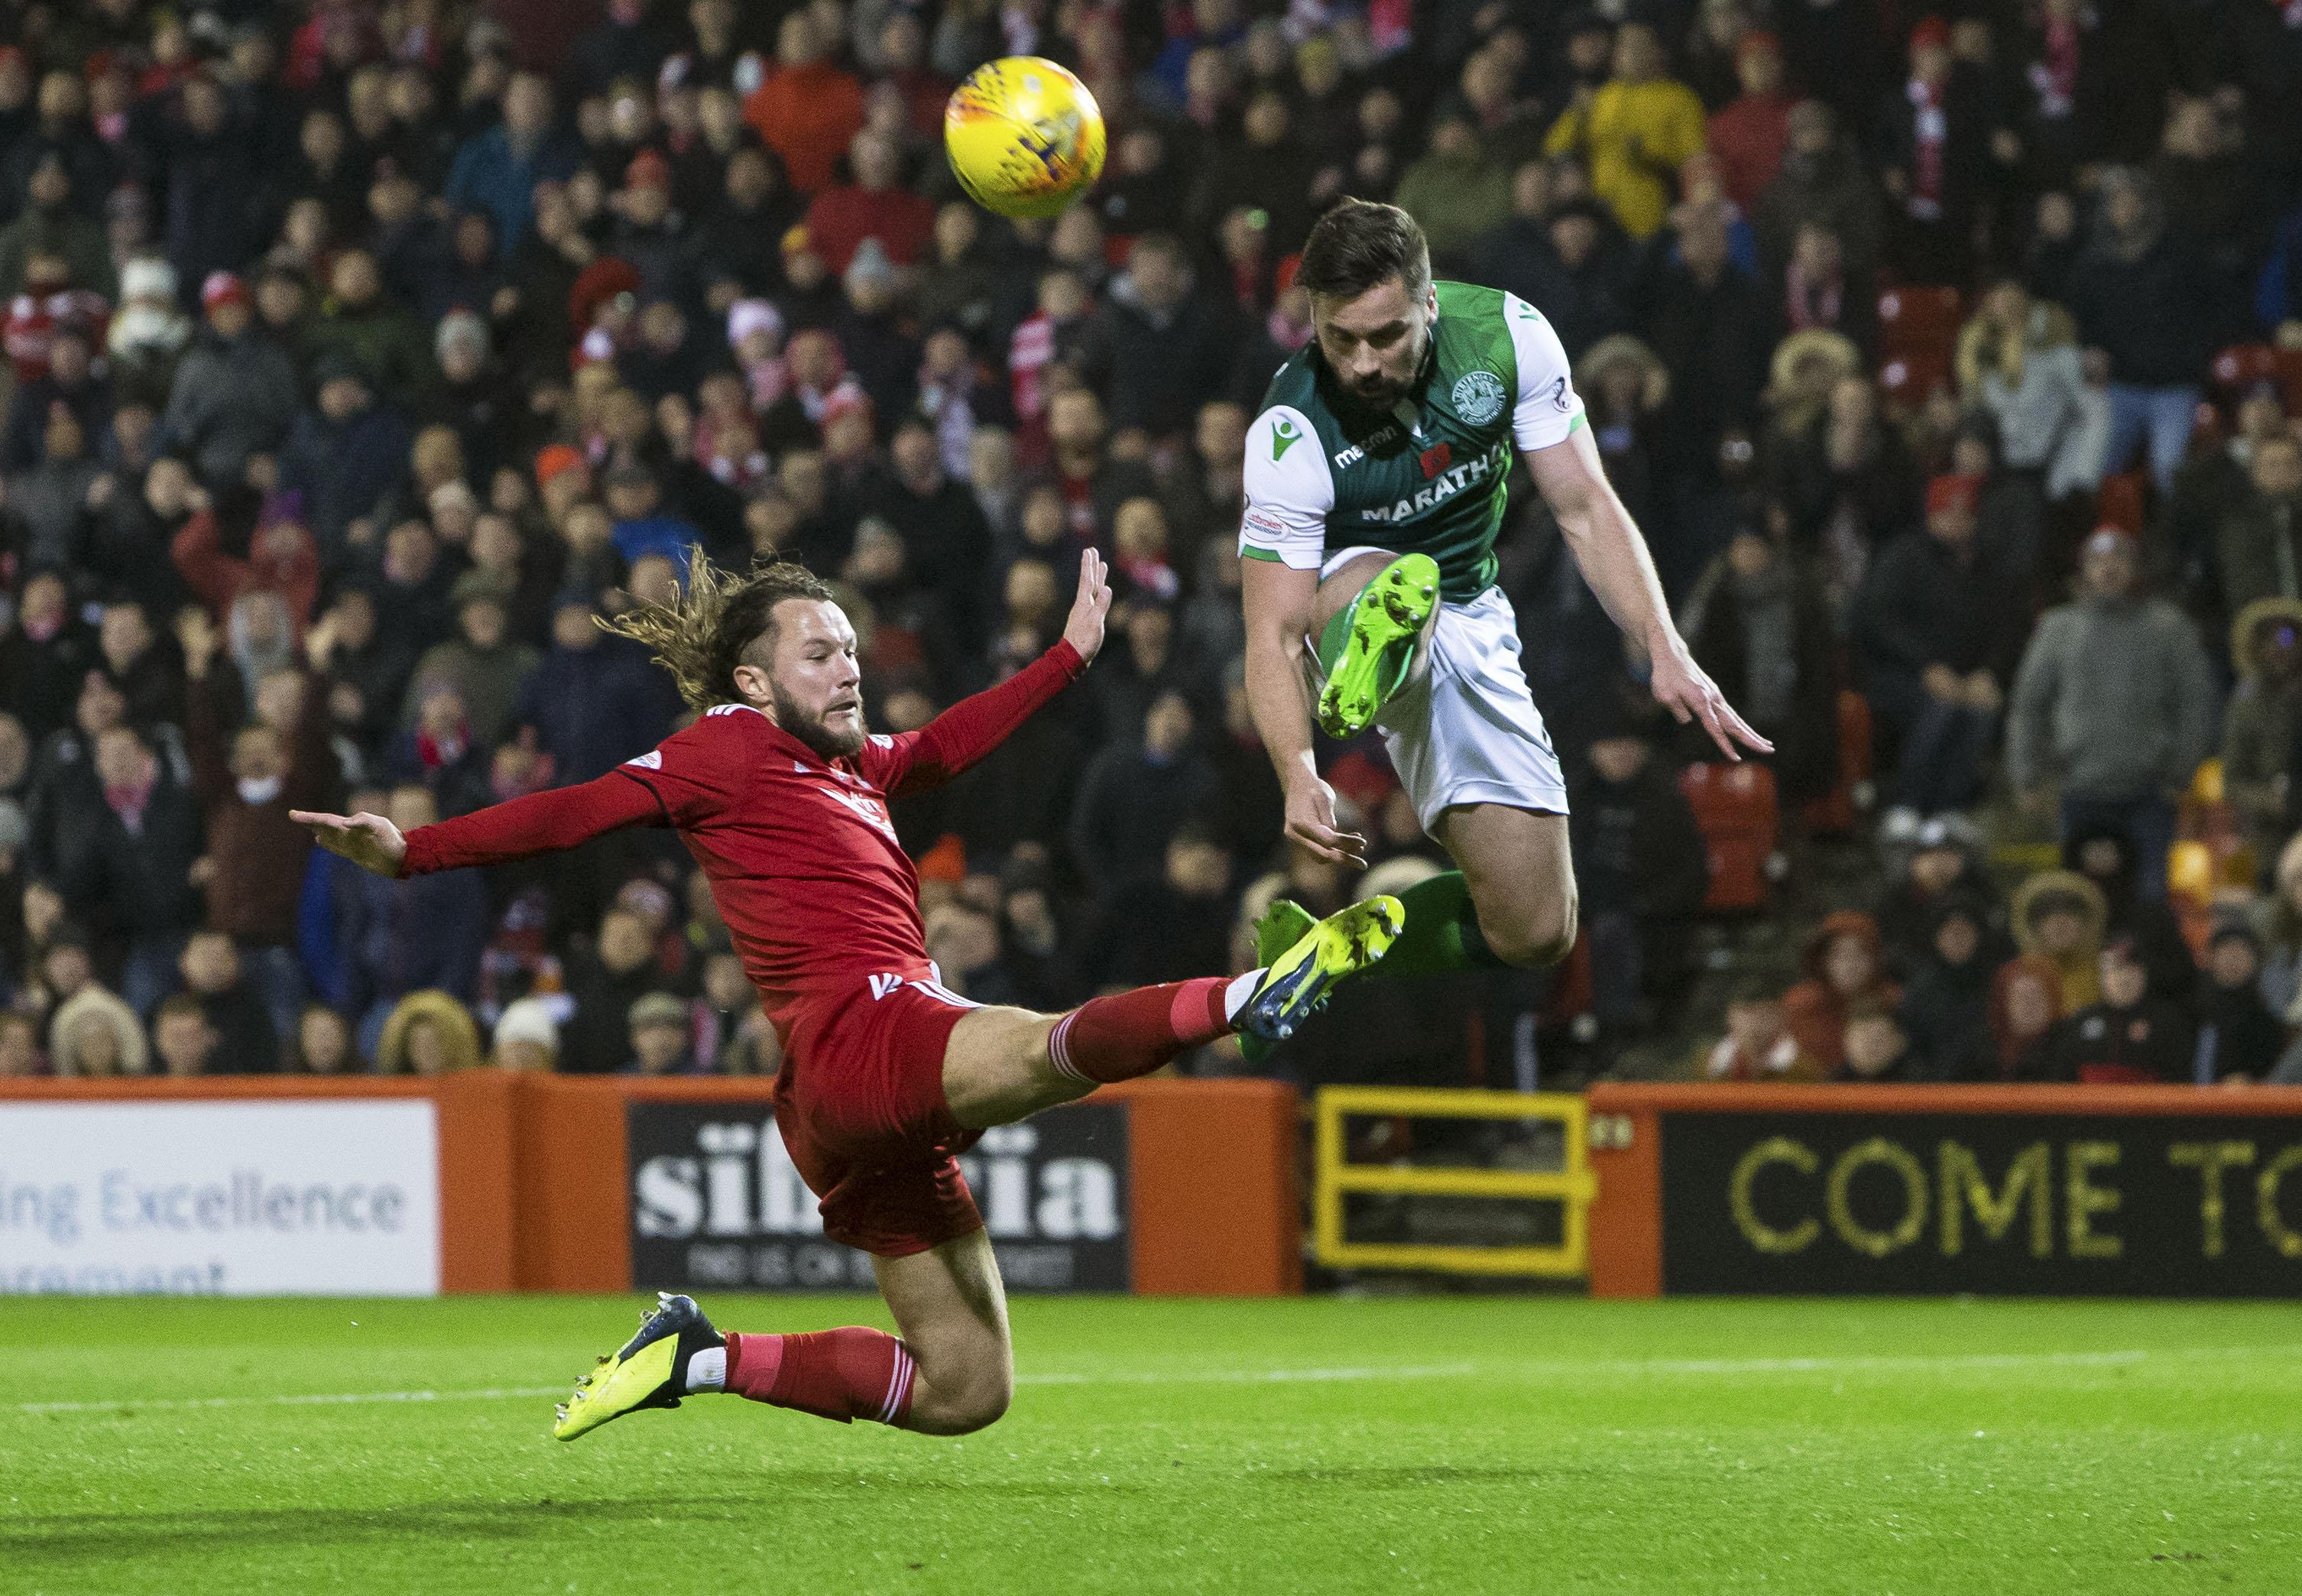 Aberdeen's Stevie May, left, in action with Hibernian's Darren McGregor.